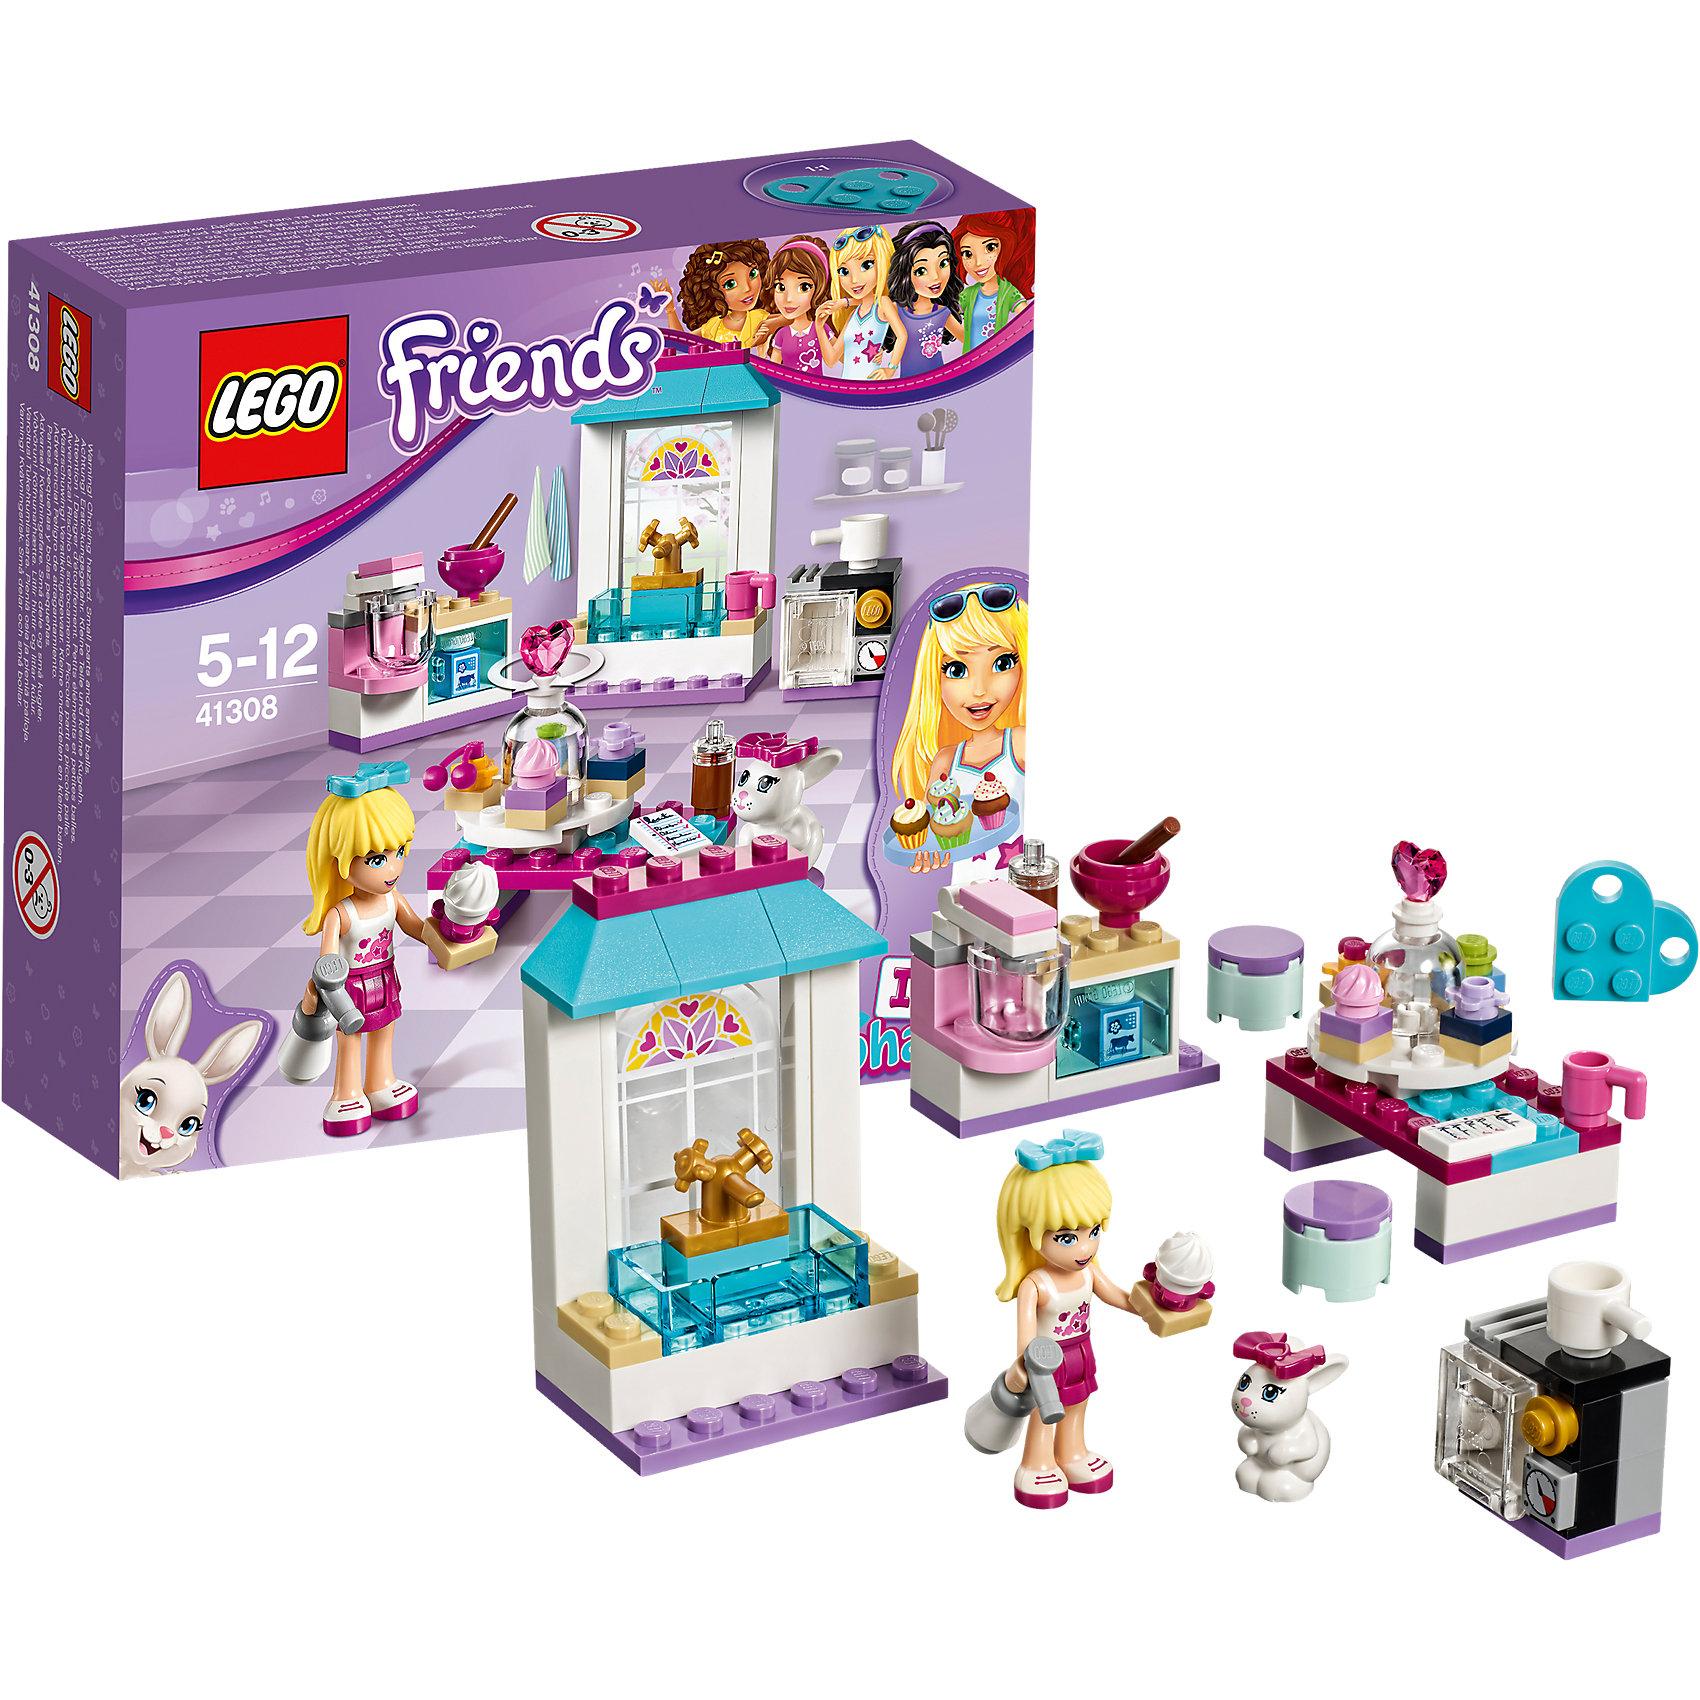 LEGO Friends 41308: Кондитерская СтефаниПластмассовые конструкторы<br>LEGO Friends 41308: Кондитерская Стефани<br><br>Характеристики:<br><br>- в набор входит: детали кухни, фигурка Стефани, кролик, аксессуары, красочная инструкция<br>- состав: пластик<br>- количество деталей: 94<br>- размер раковины: 7 * 3 * 4 см.<br>- размер стола с пирожными: 5 * 3 * 4 см.<br>- для детей в возрасте: от 5 до 12 лет<br>- Страна производитель: Дания/Китай/Чехия<br><br>Легендарный конструктор LEGO (ЛЕГО) представляет серию «Friends» (Друзья) в которую входят наборы конструкторов интересных не только в строительстве, но и в игре. <br><br>Серия разработана с учетом различных повседневных ситуаций и мест. Стефани просто обожает кулинарию и у нее отлично получается выпечка. Она открыла свою маленькую пекарню и наслаждается процессом изготовления вкусных пирожных. Красивая раковина позволяет ей держать посуду в чистоте, современный миксер отлично взбивает крем, а надежная открывающаяся духовка с плитой выпекает отличные пирожные. Баллончик с заварным кремом позволяет Стефани очень красиво украшать свою выпечку. Она выставляет ее на вращающемся стенде. Кролик Дейзи помогает хозяйке во всем. В наборе два стульчика, две чашки и деталь-рецепт. <br><br>Фигурка Стефани отлично проработана, ее рельефные волосы уложены в красивую прическу и она носит голубой бант. Ее наряд отлично подходит для хозяйки пекарни – белый топ и лиловая однотонная юбка. Фигурка может двигать головой, руками, торсом и принимать сидячее положение. Фигурка кролика надежно вставляется в детали лего, а благодаря специальному отверстию можно надевать и снимать бантик или другие аксессуары. В набор входит голубая деталь-кулончик серии LEGO «Friends». <br><br>Играя с конструктором ребенок развивает моторику рук, воображение и логическое мышление, научится собирать по инструкции и создавать свои модели. Придумывайте новые истории любимых героев с набором LEGO «Friends»!<br><br>Конструктор LEGO Friends 41308: Кондитерская Стефани